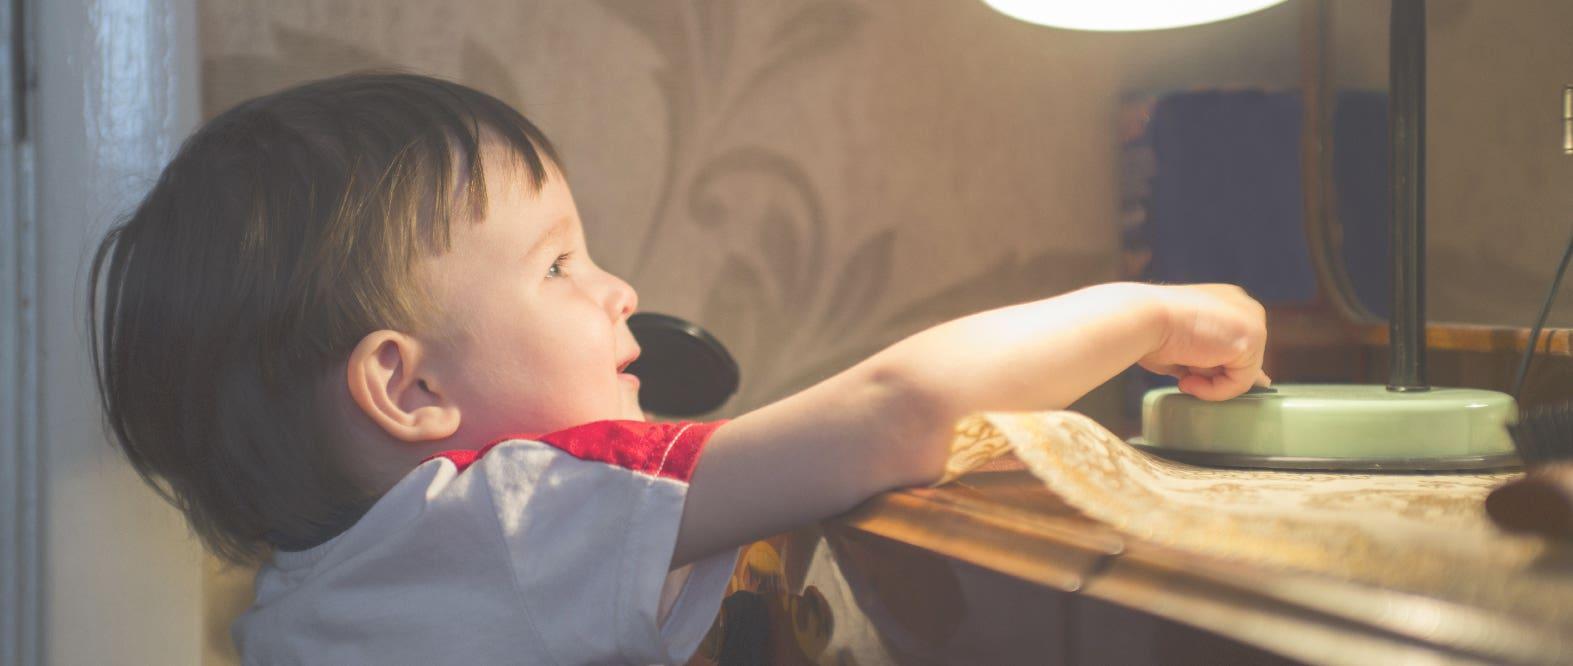 Cuidado energético: ¿Cómo enseñarle a los niños a ahorrar energía?